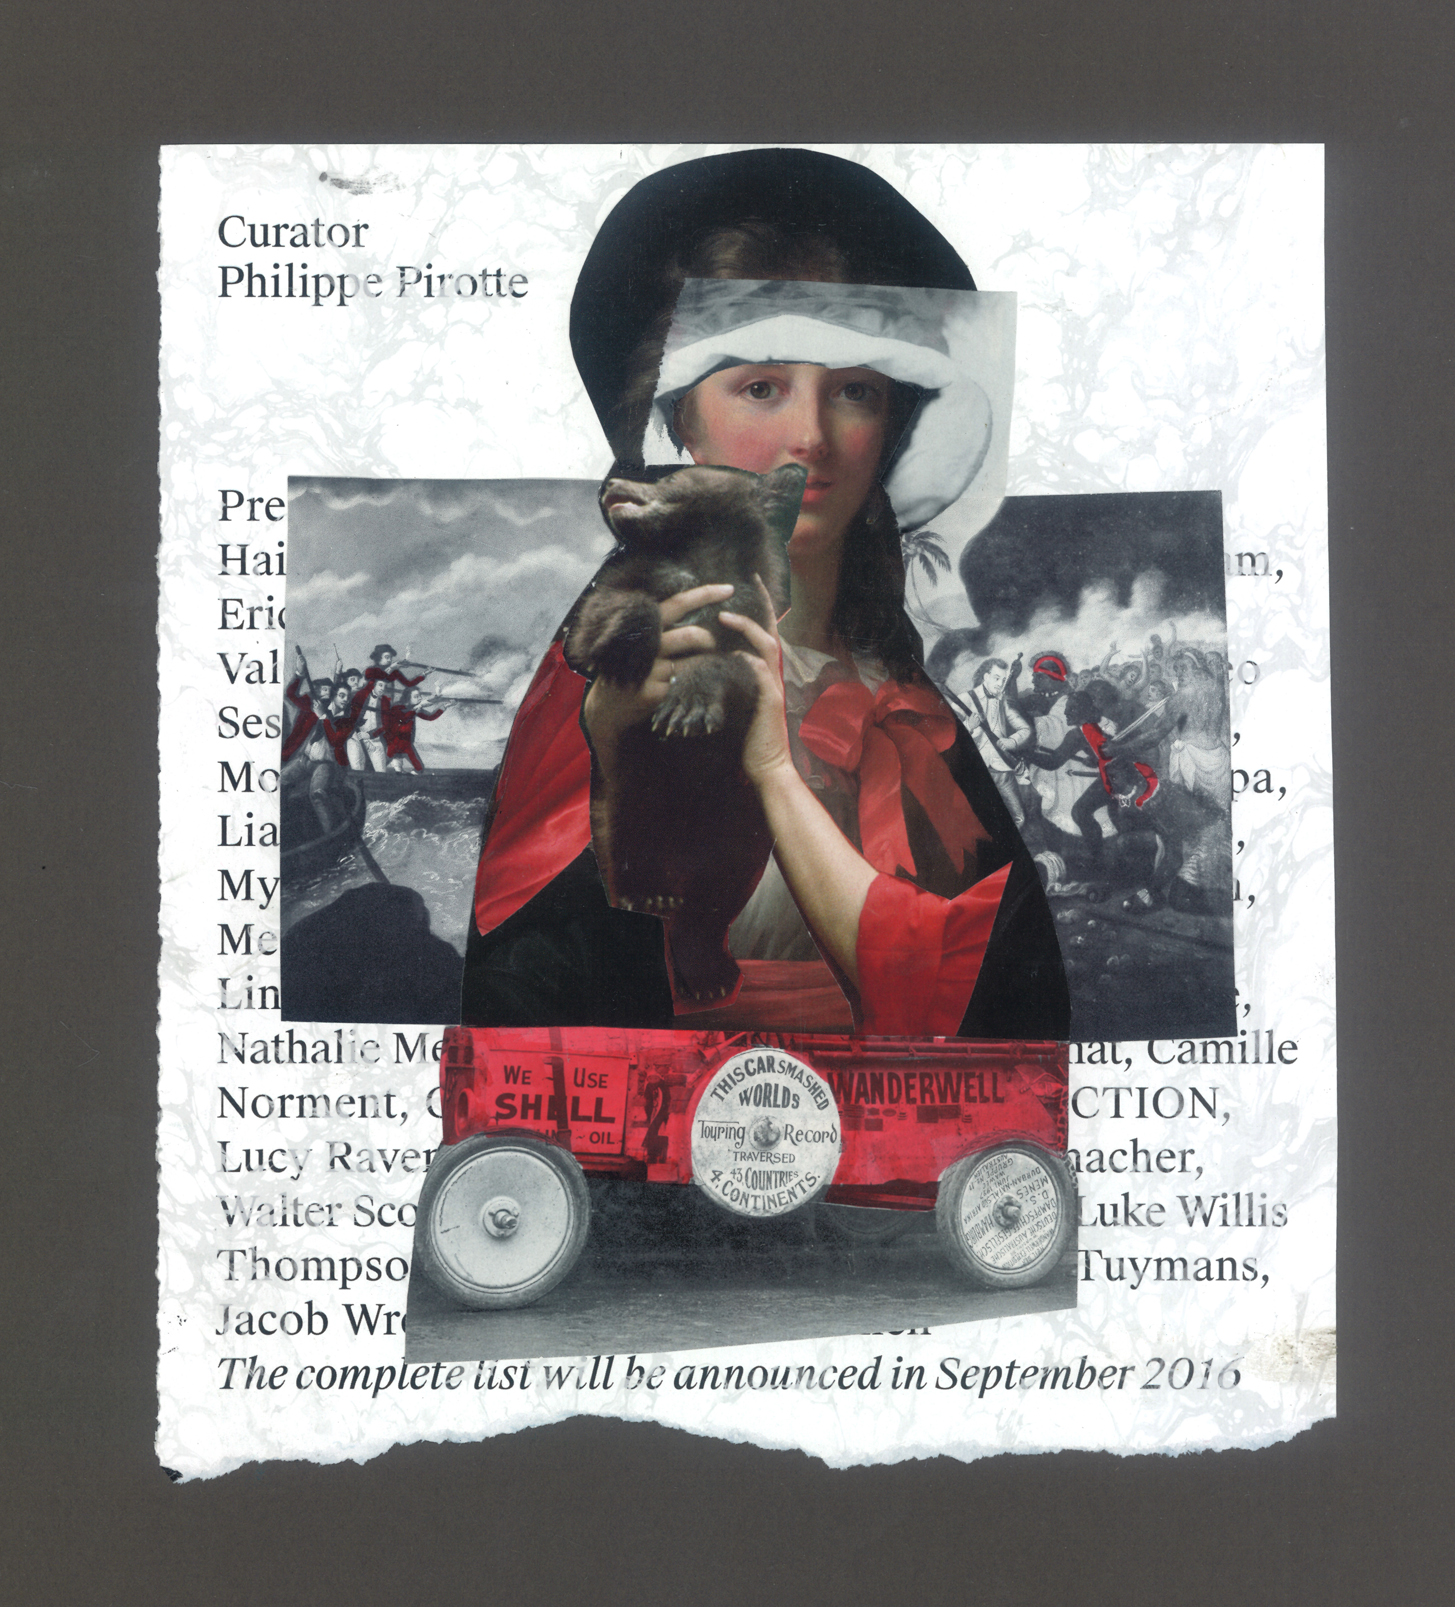 collage by deborah hariis